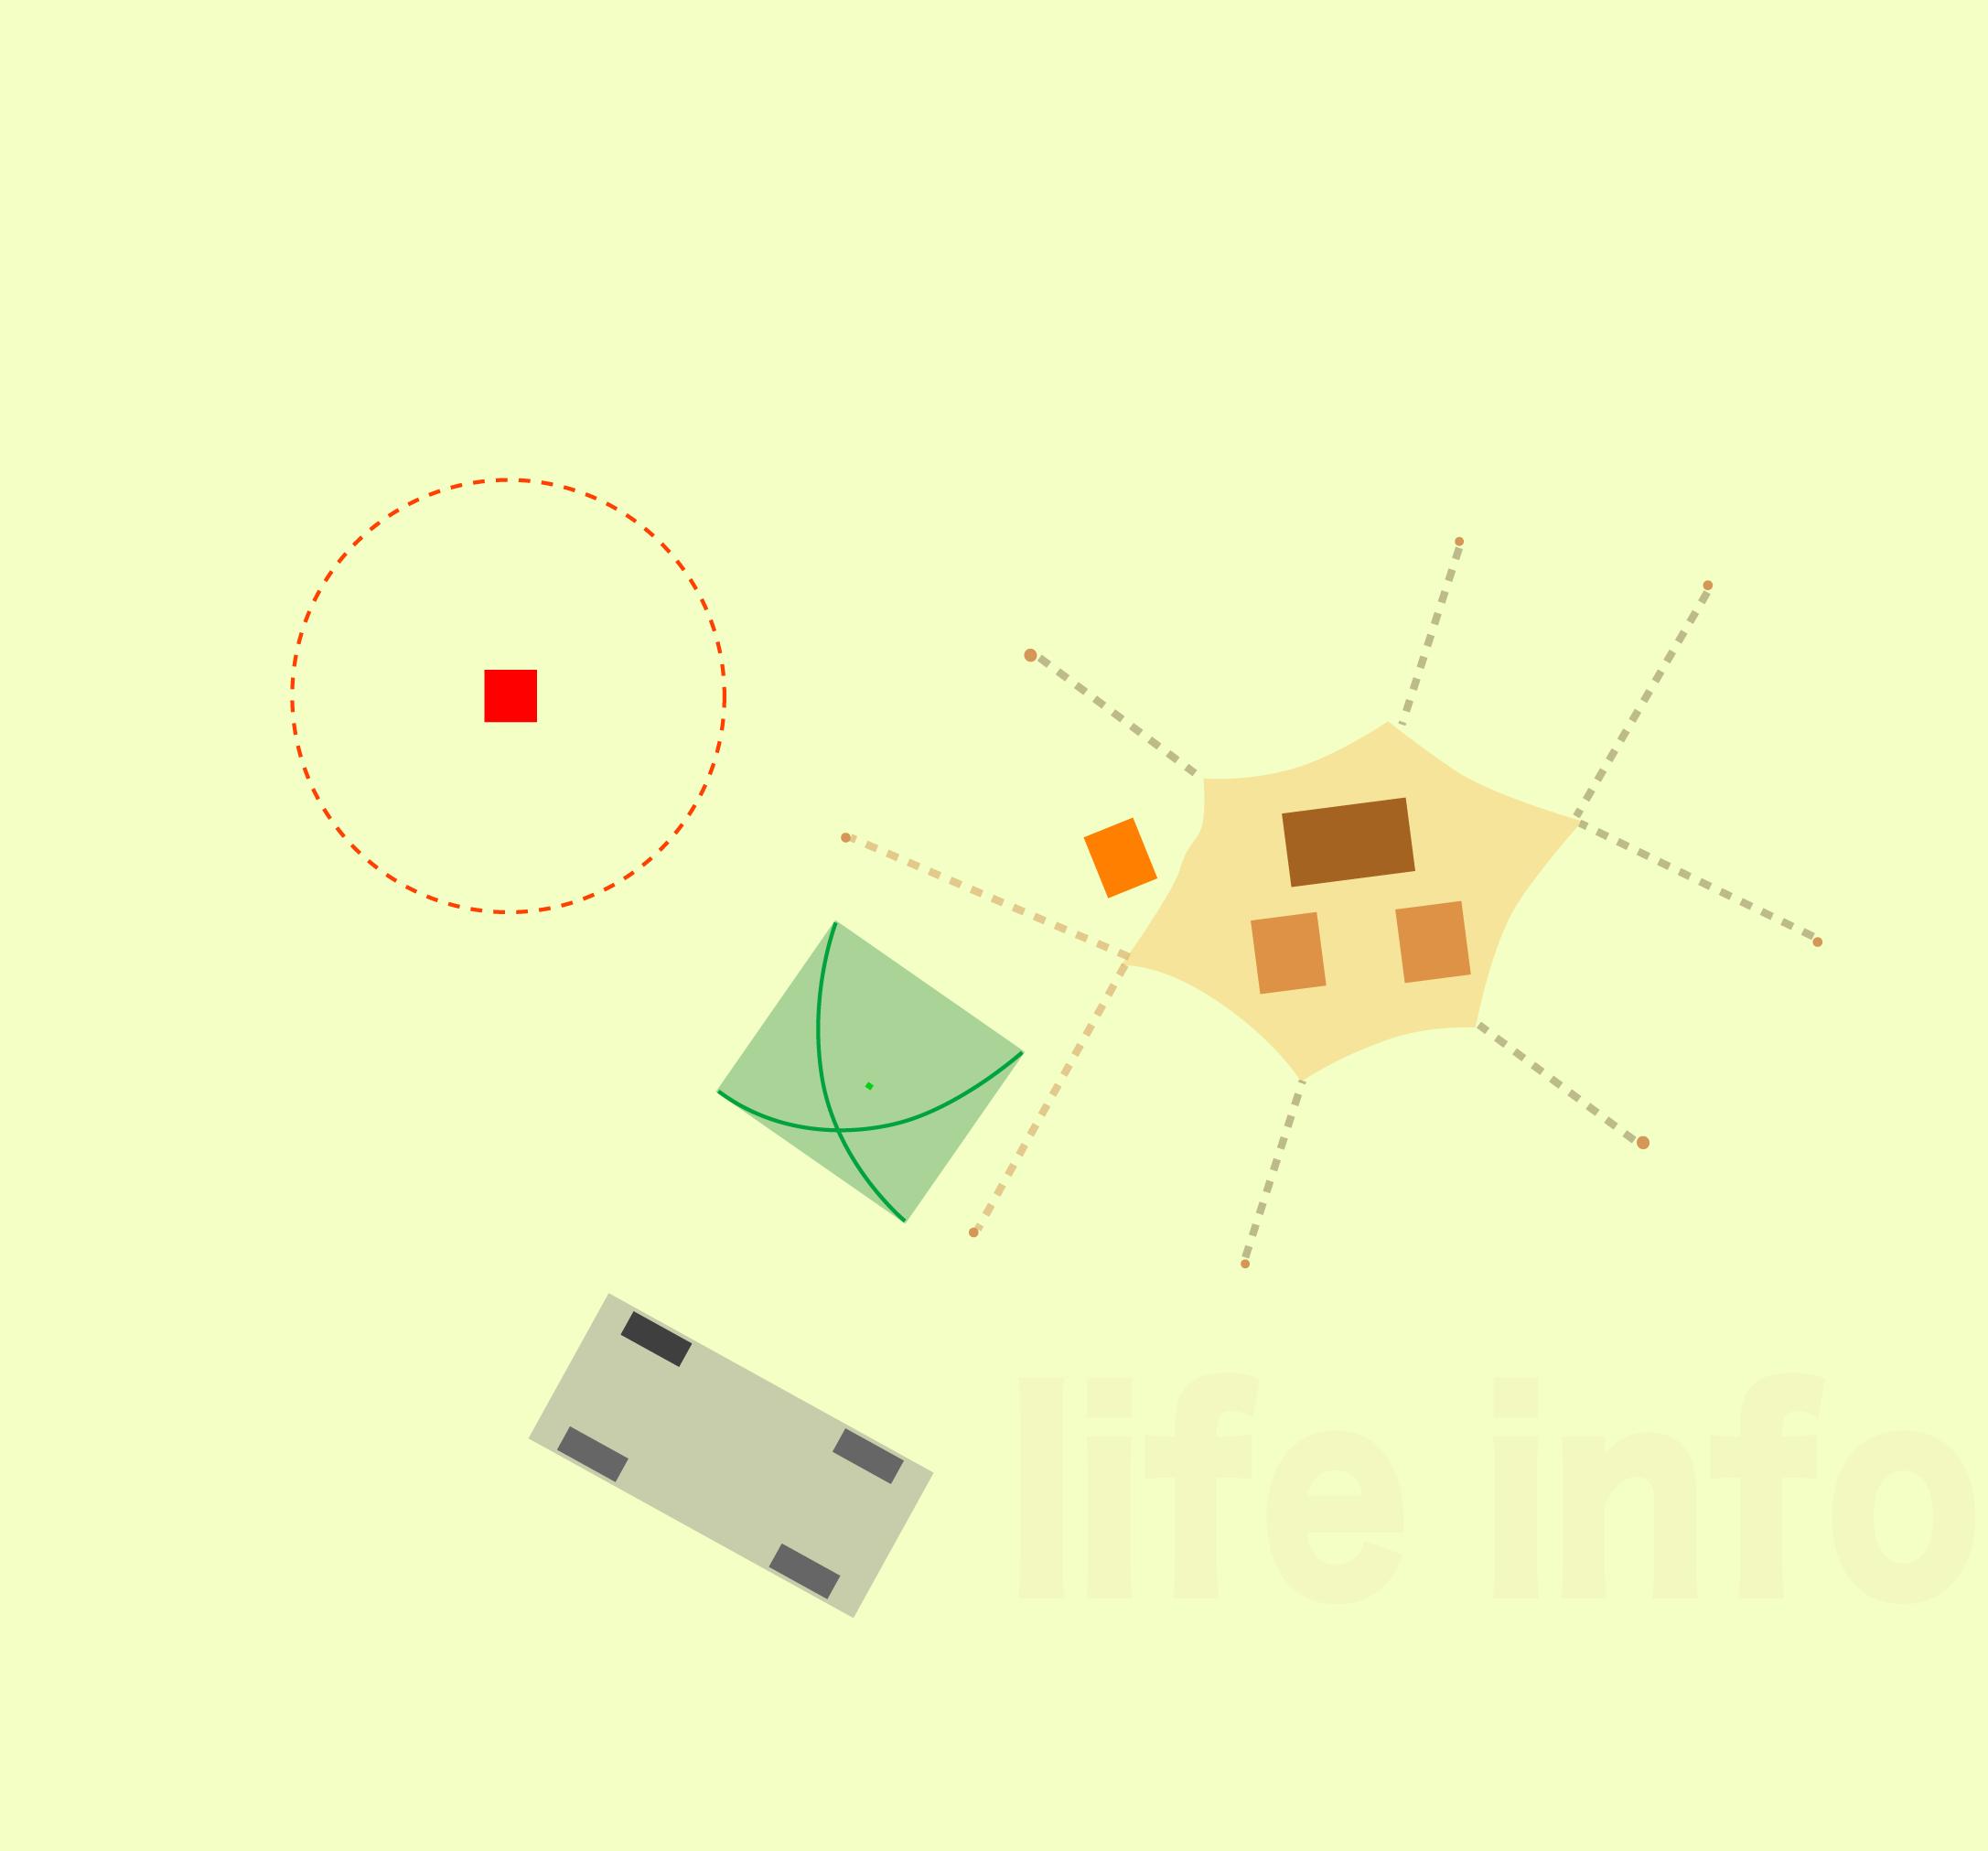 キャンプサイトレイアウトの例